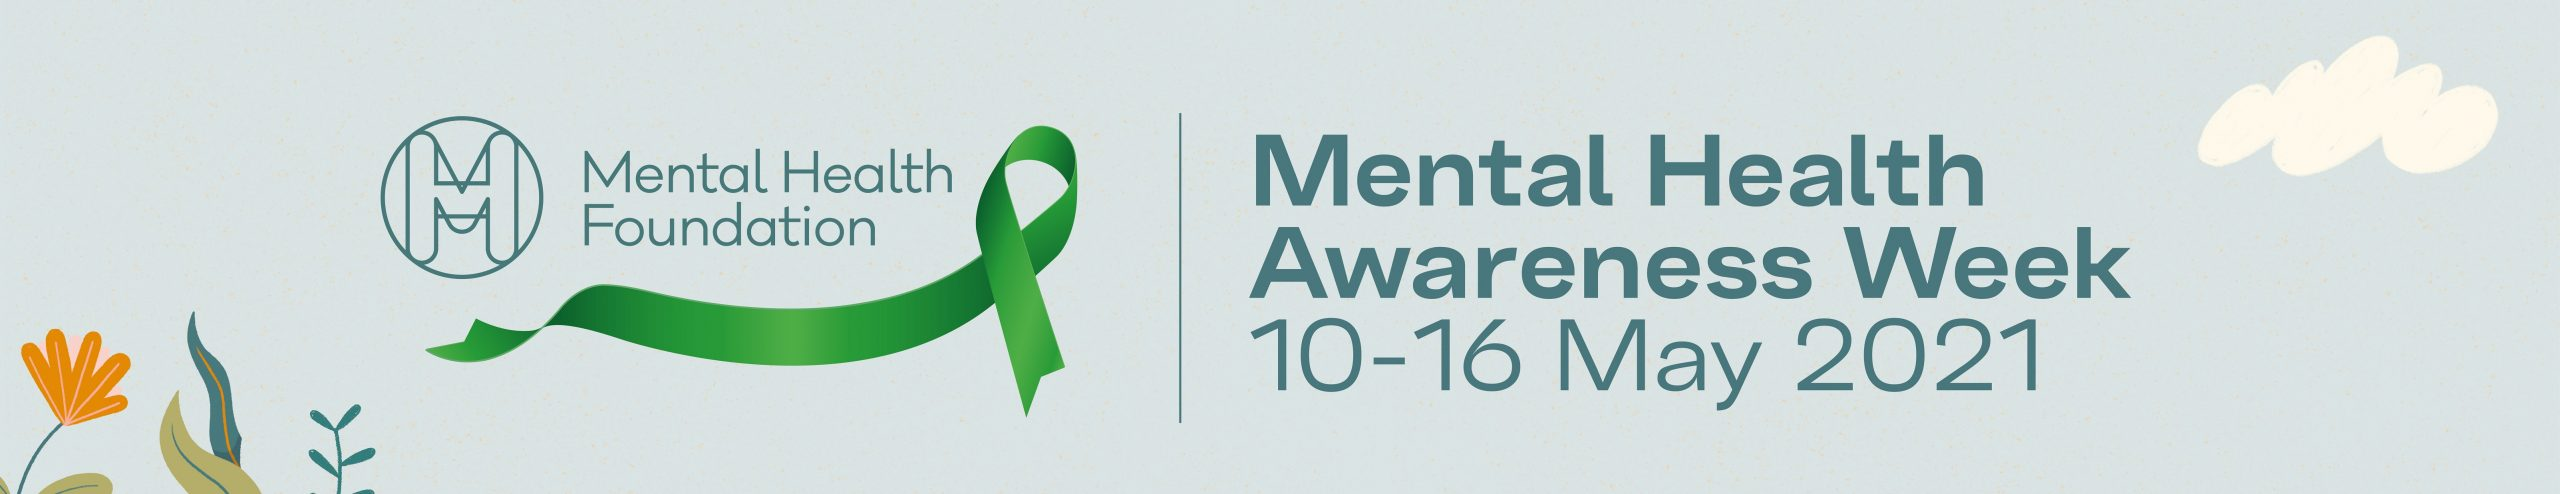 Mental Health Awareness Week 10-16th May